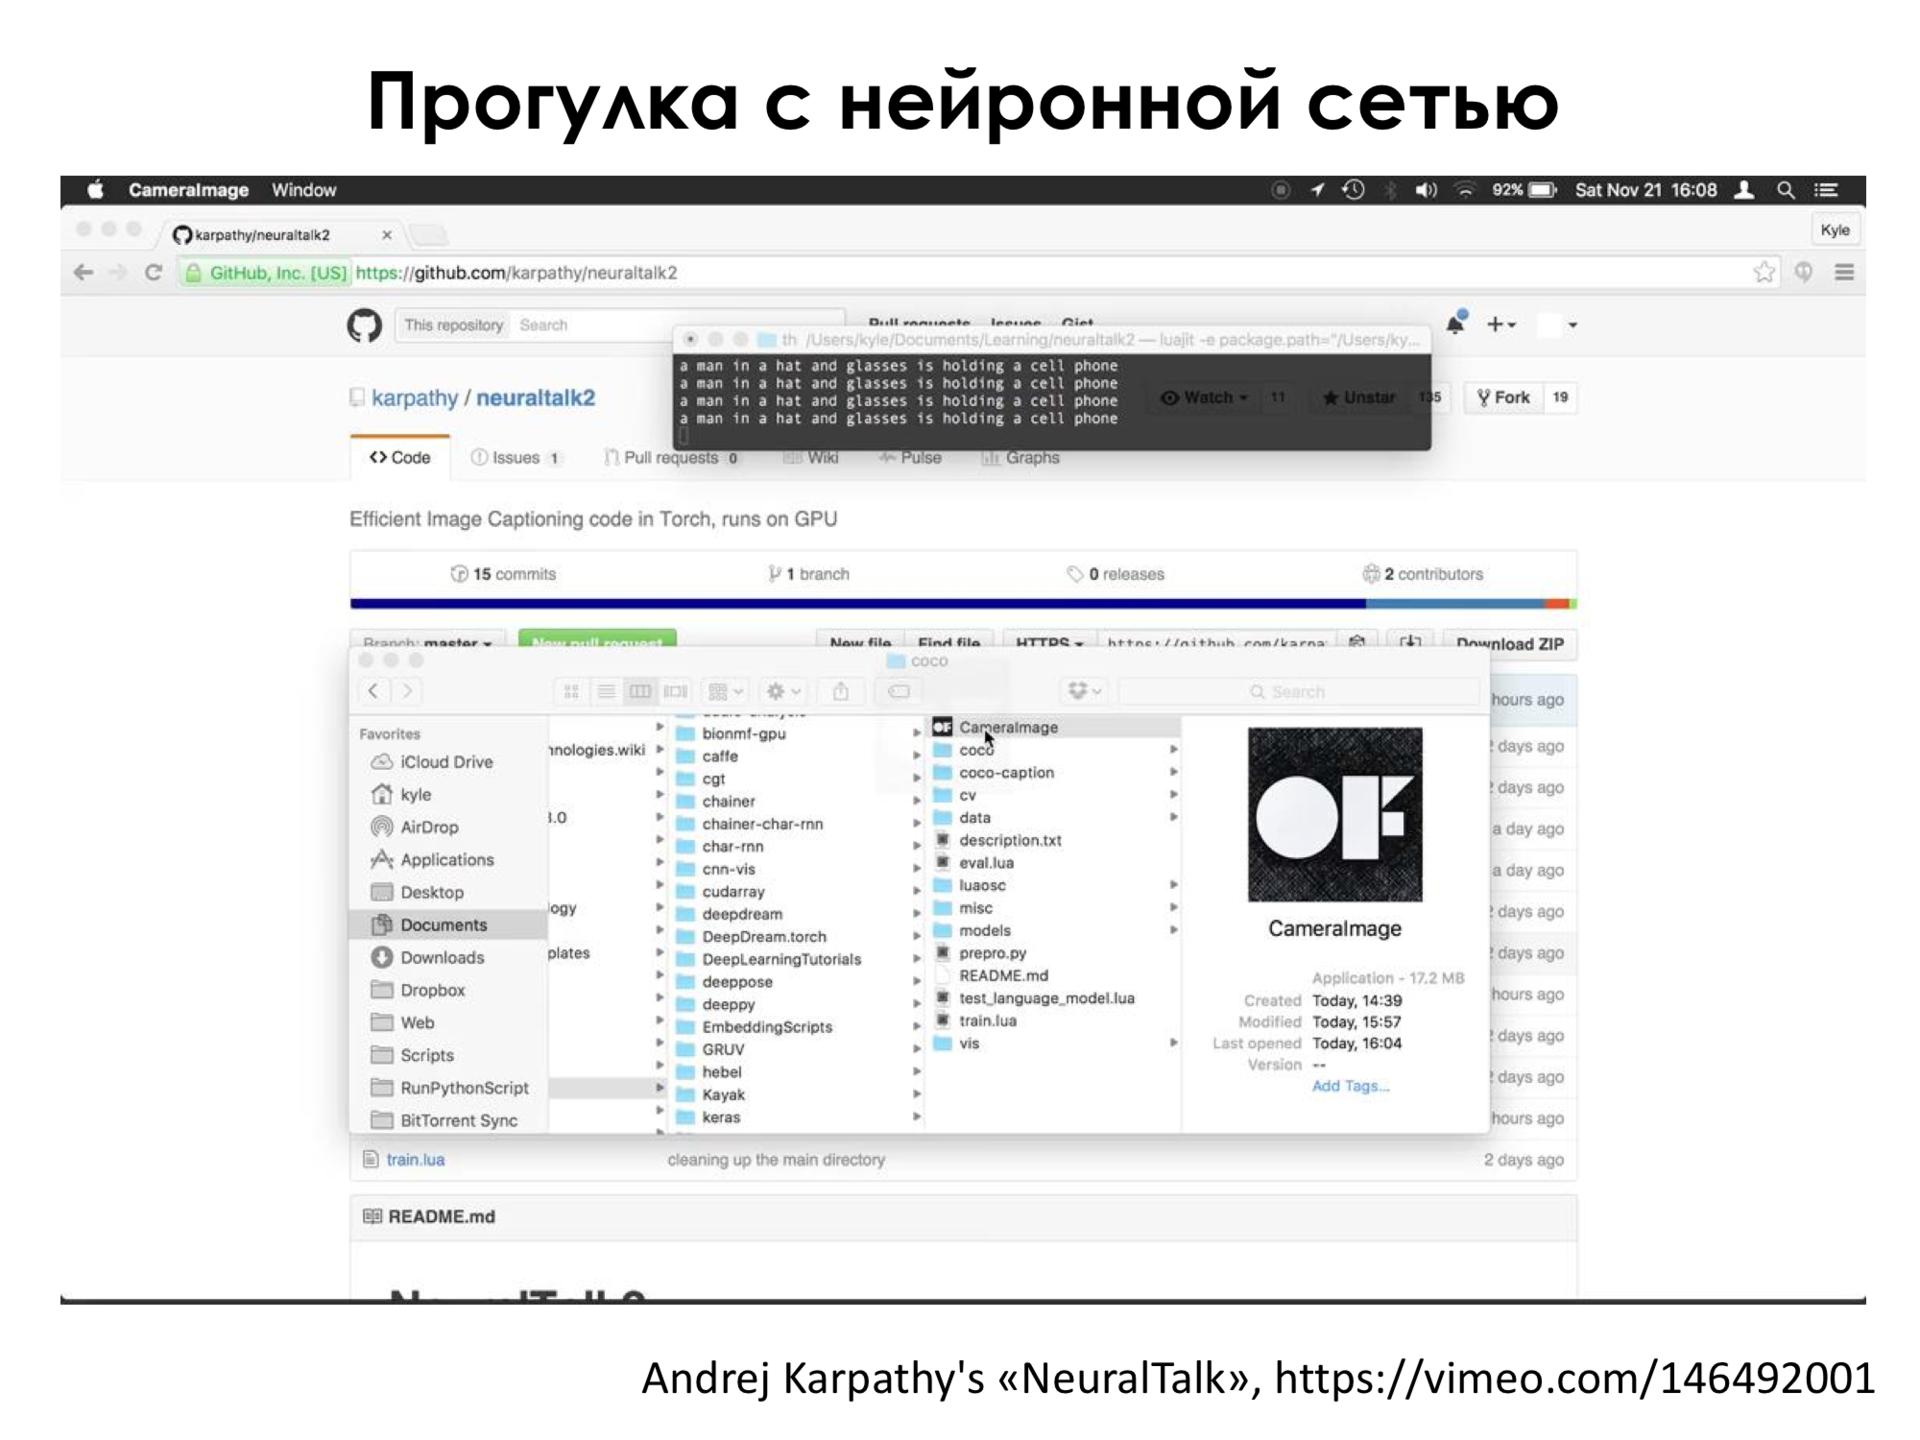 Самое главное о нейронных сетях. Лекция в Яндексе - 38